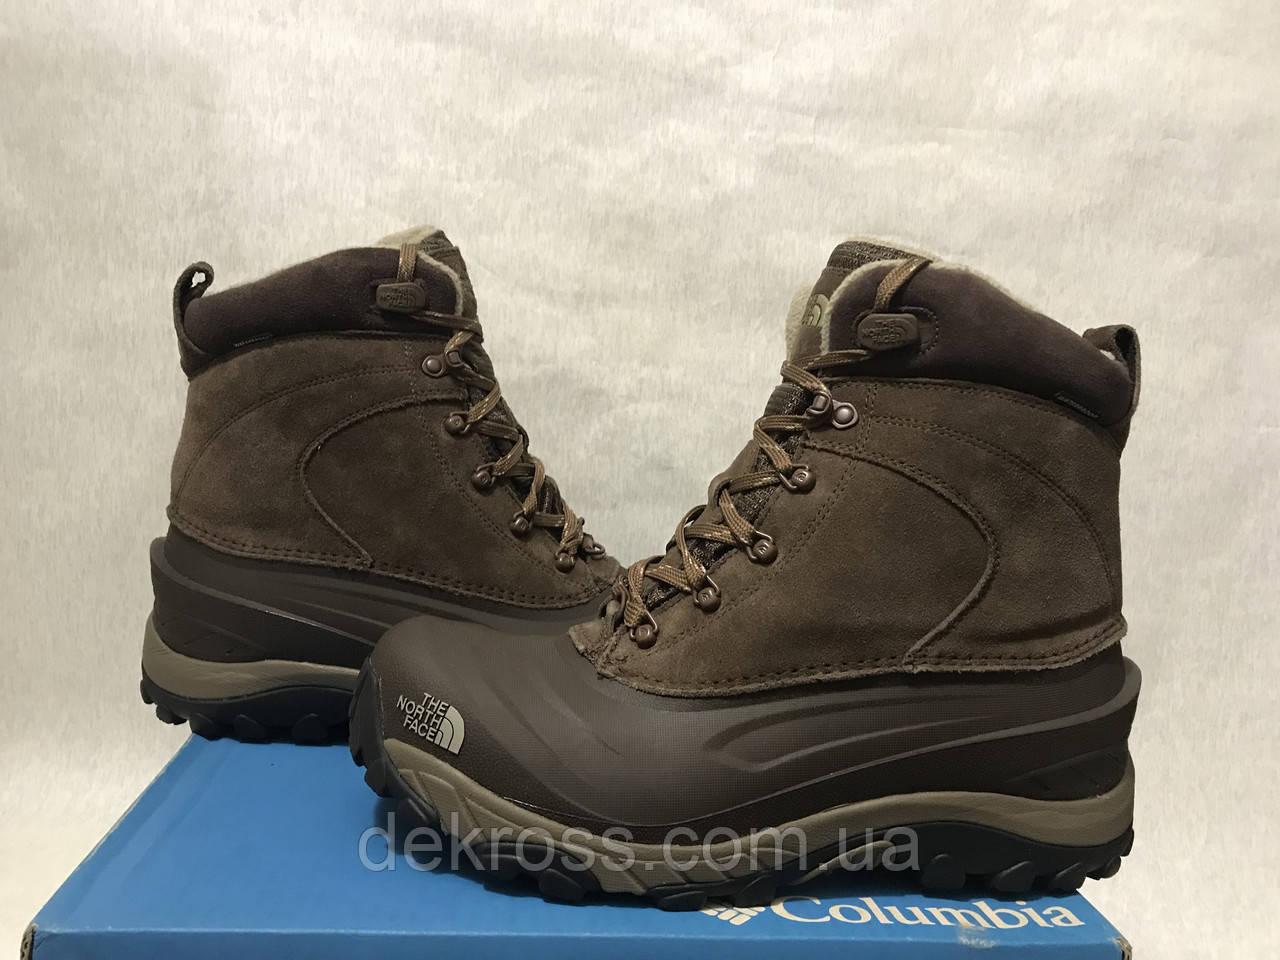 Ботинки The North Face Chilkat III Оригинал NF0A39V6